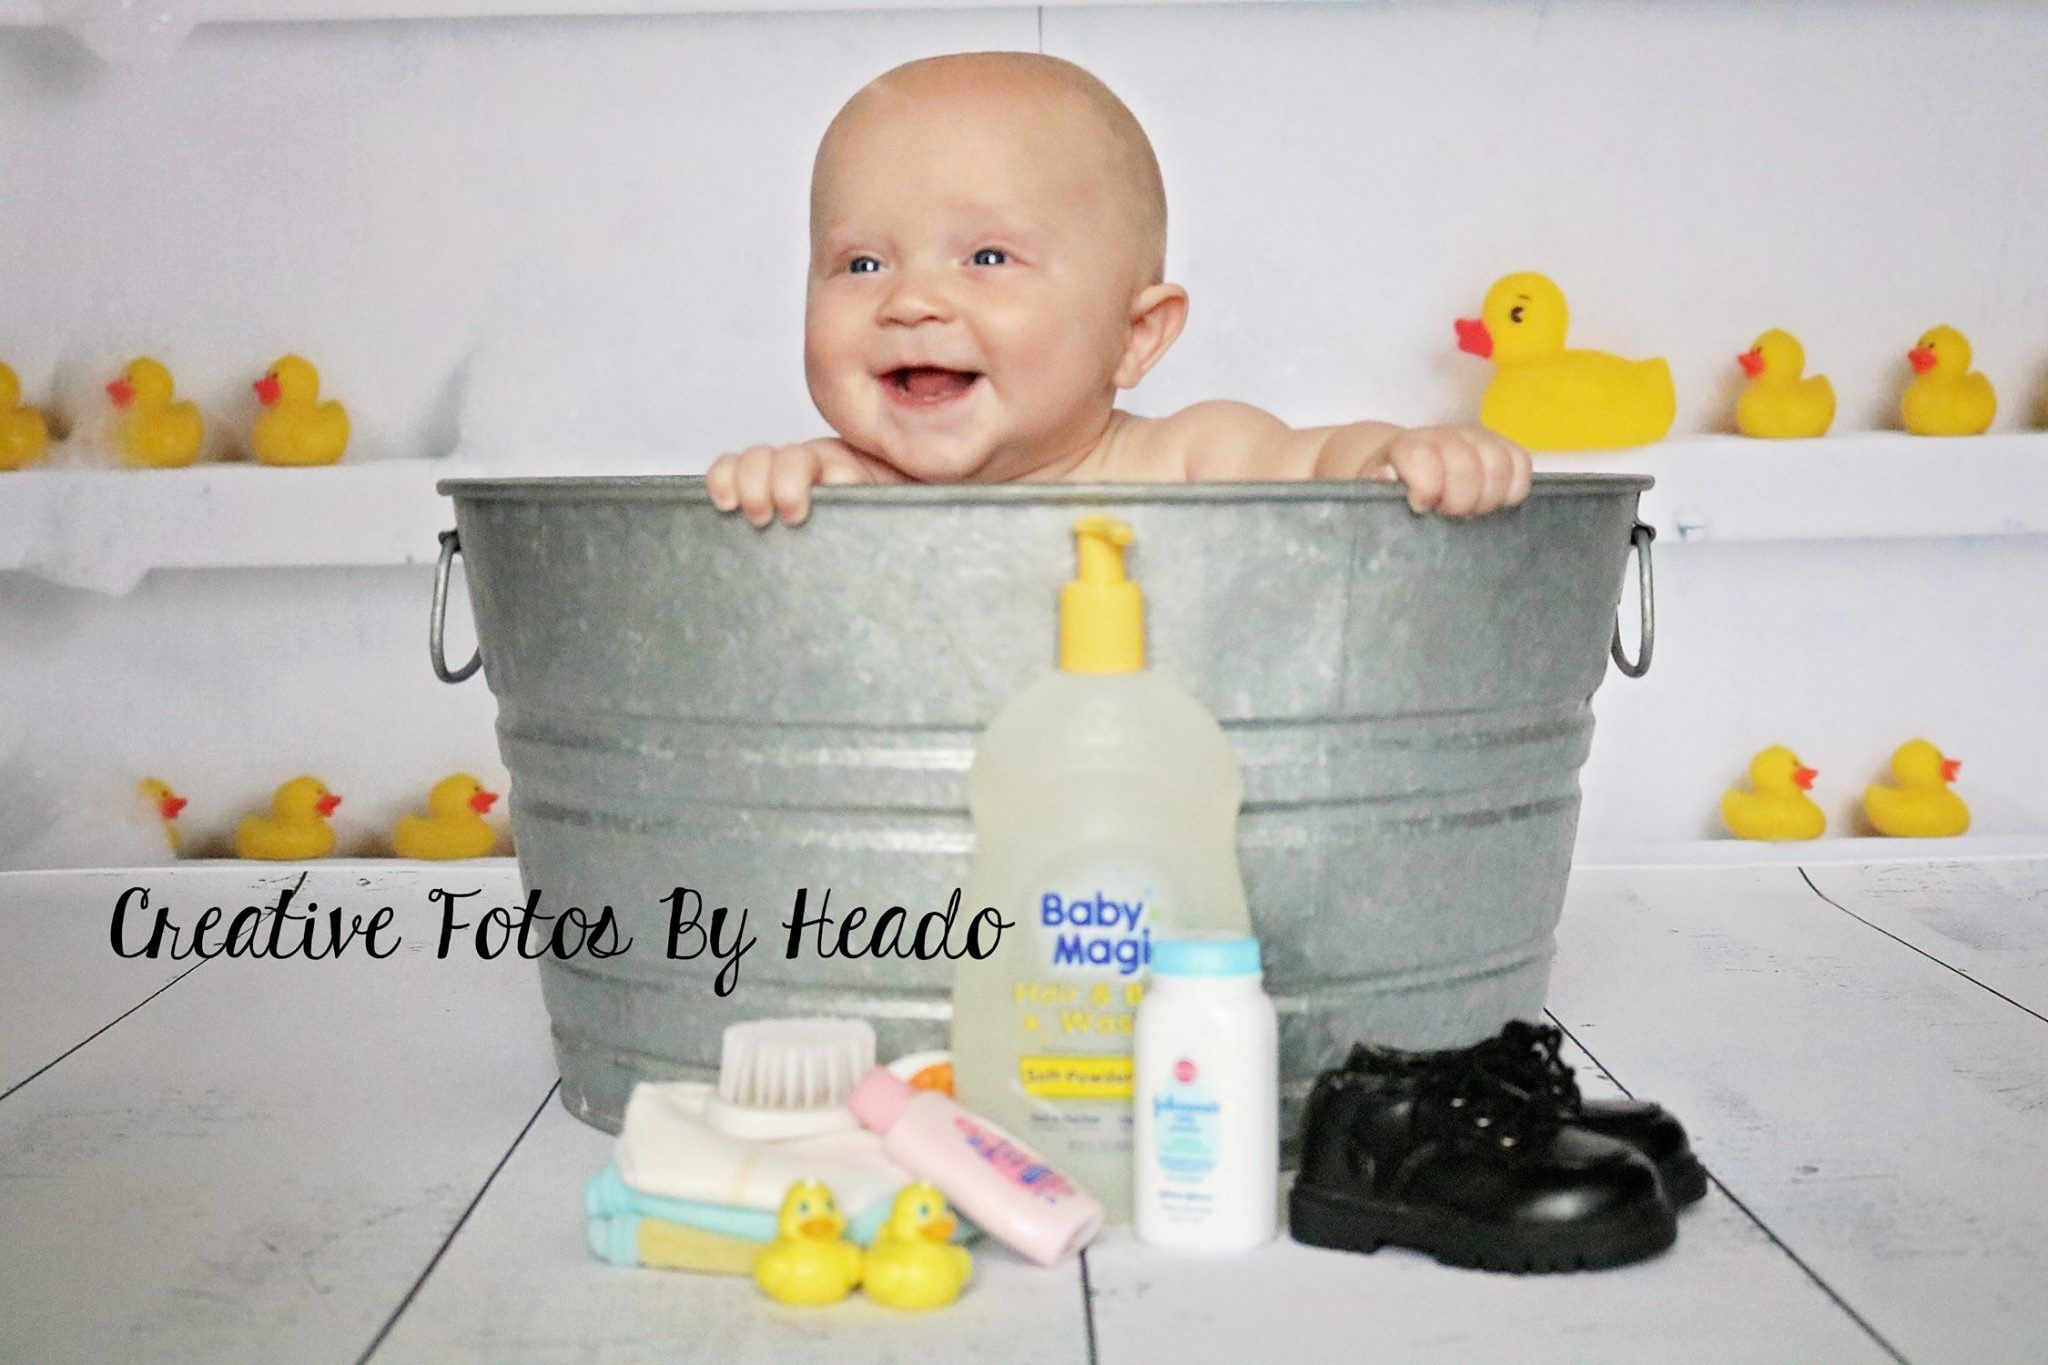 5 mois photos de bébé séance de baignoire baignoire bébé garçon bébé garçon